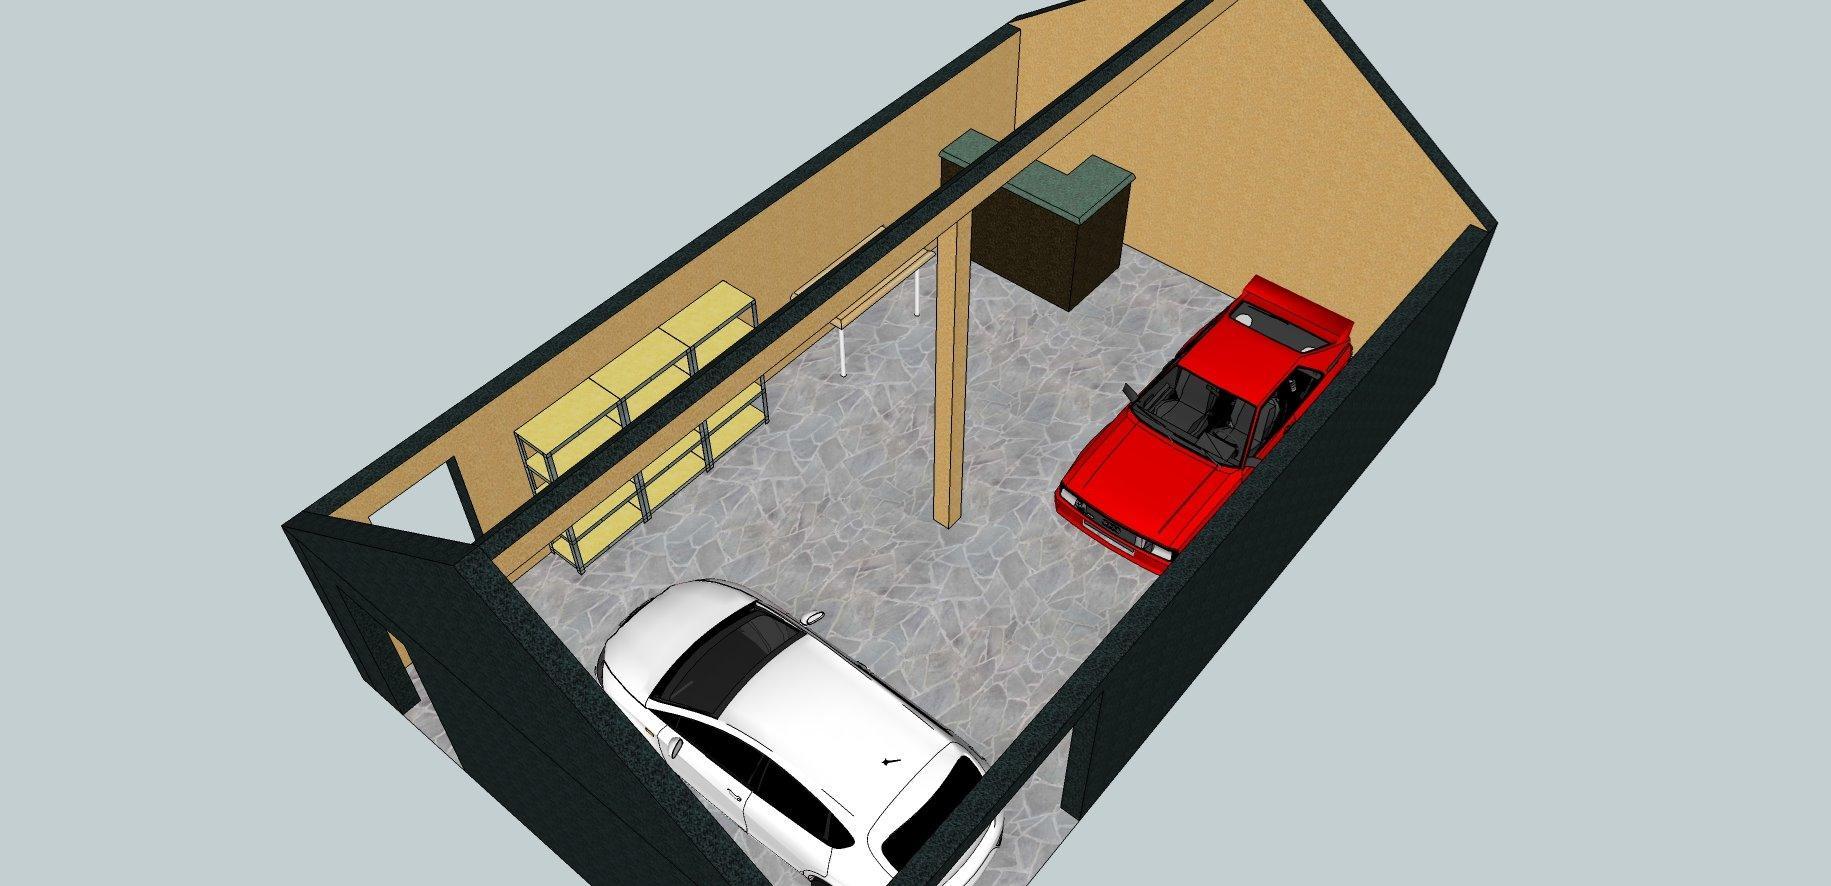 garage indretning Indretning af garage   Off Topic   Uploadet af michael n garage indretning